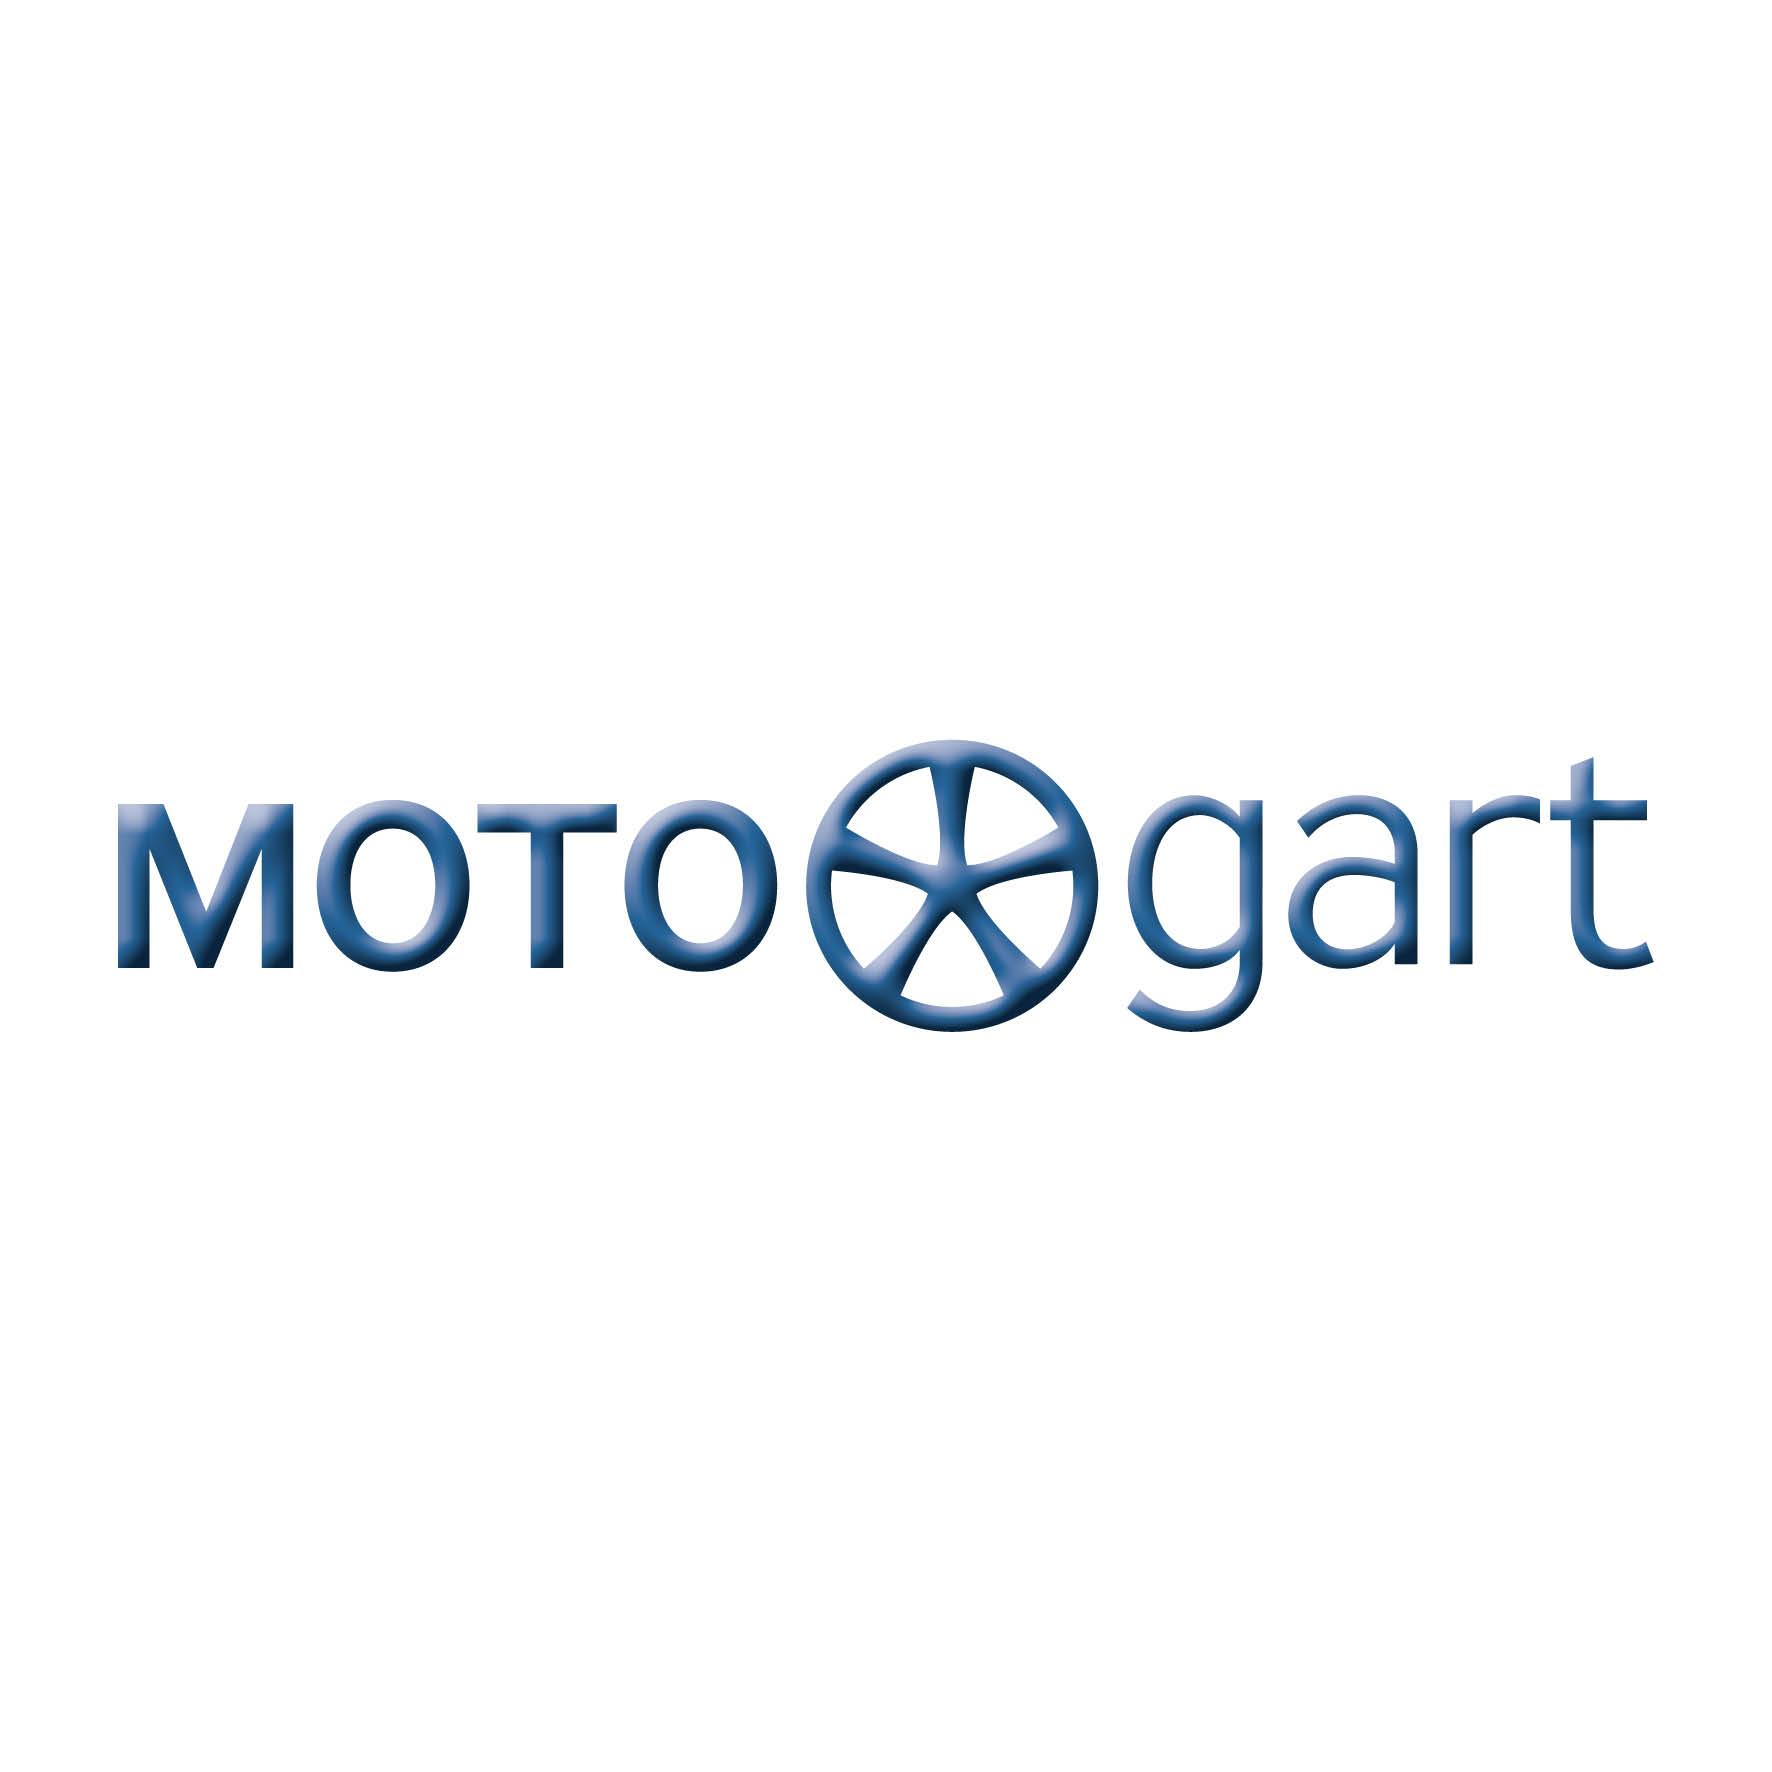 Motogart